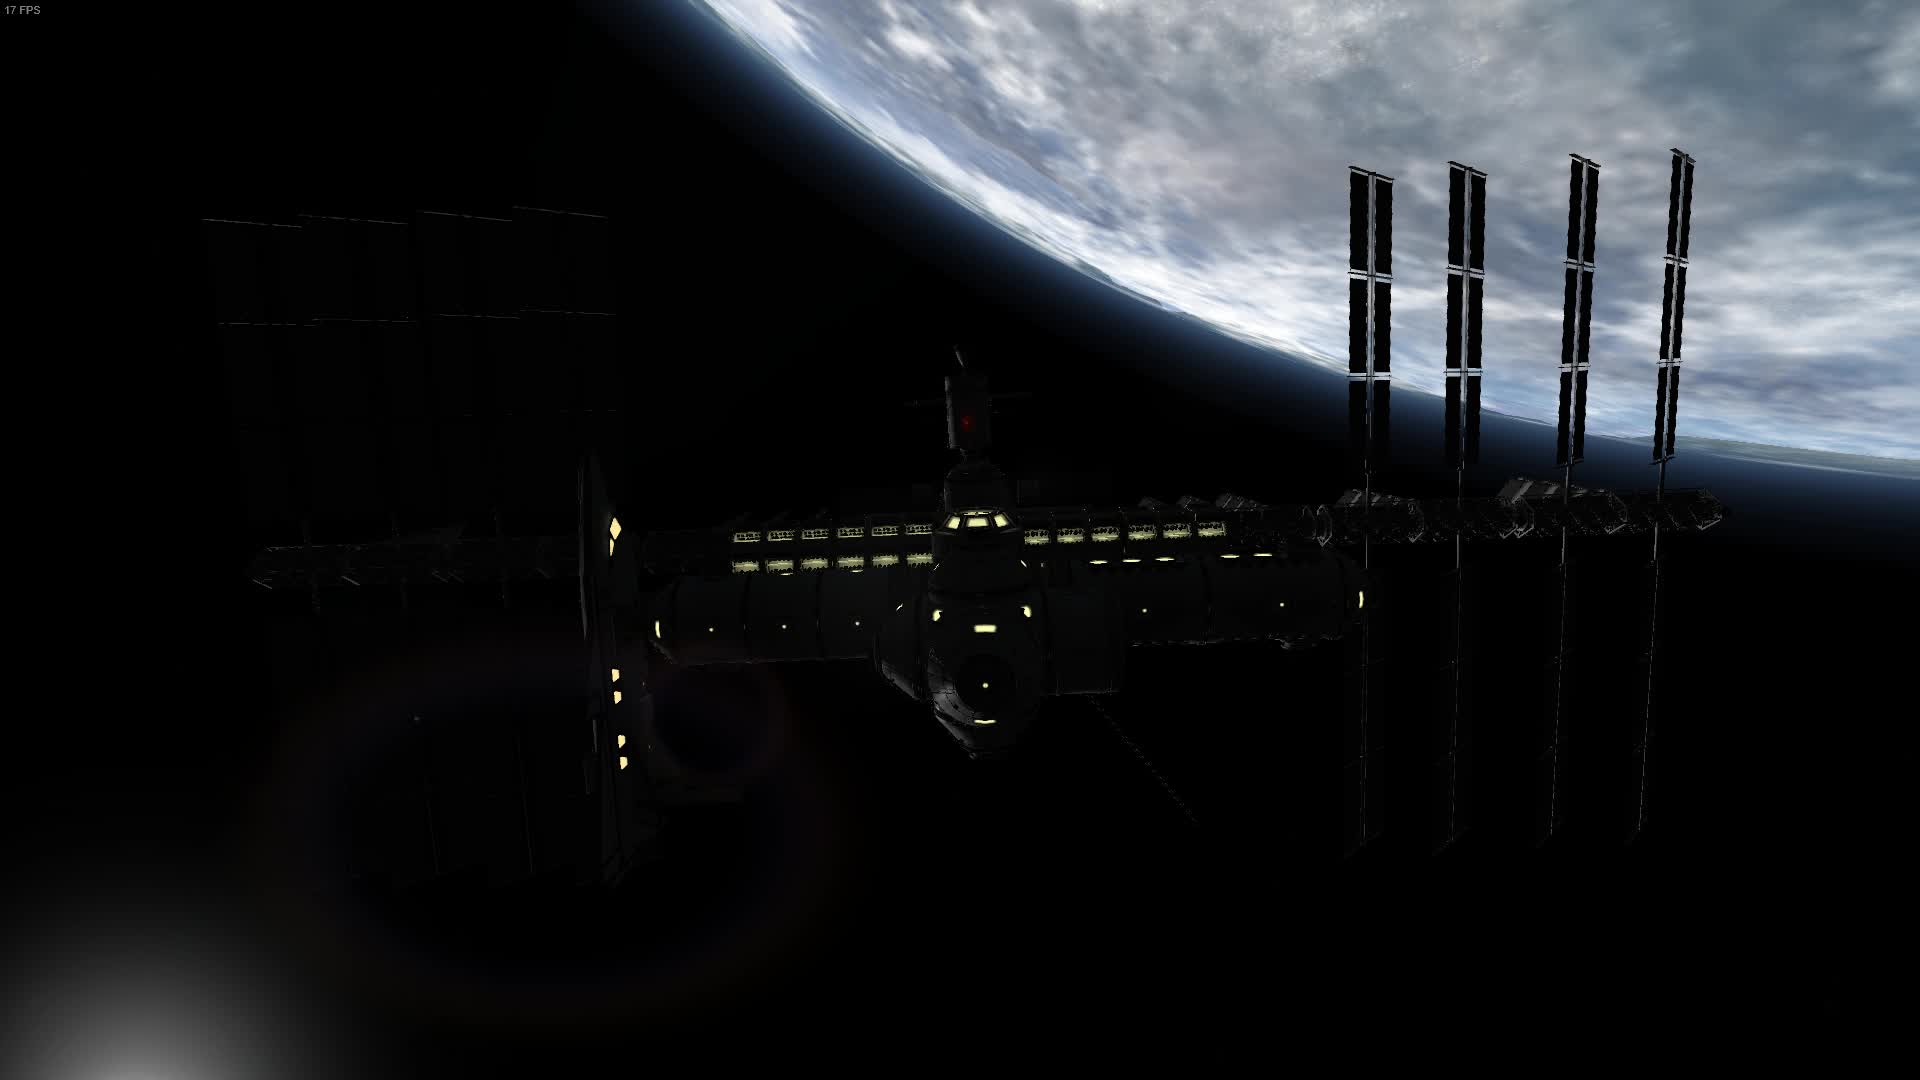 kerbalspaceprogram, Kerbal Space Program 2018.08.19 - 15.17.05.01 GIFs